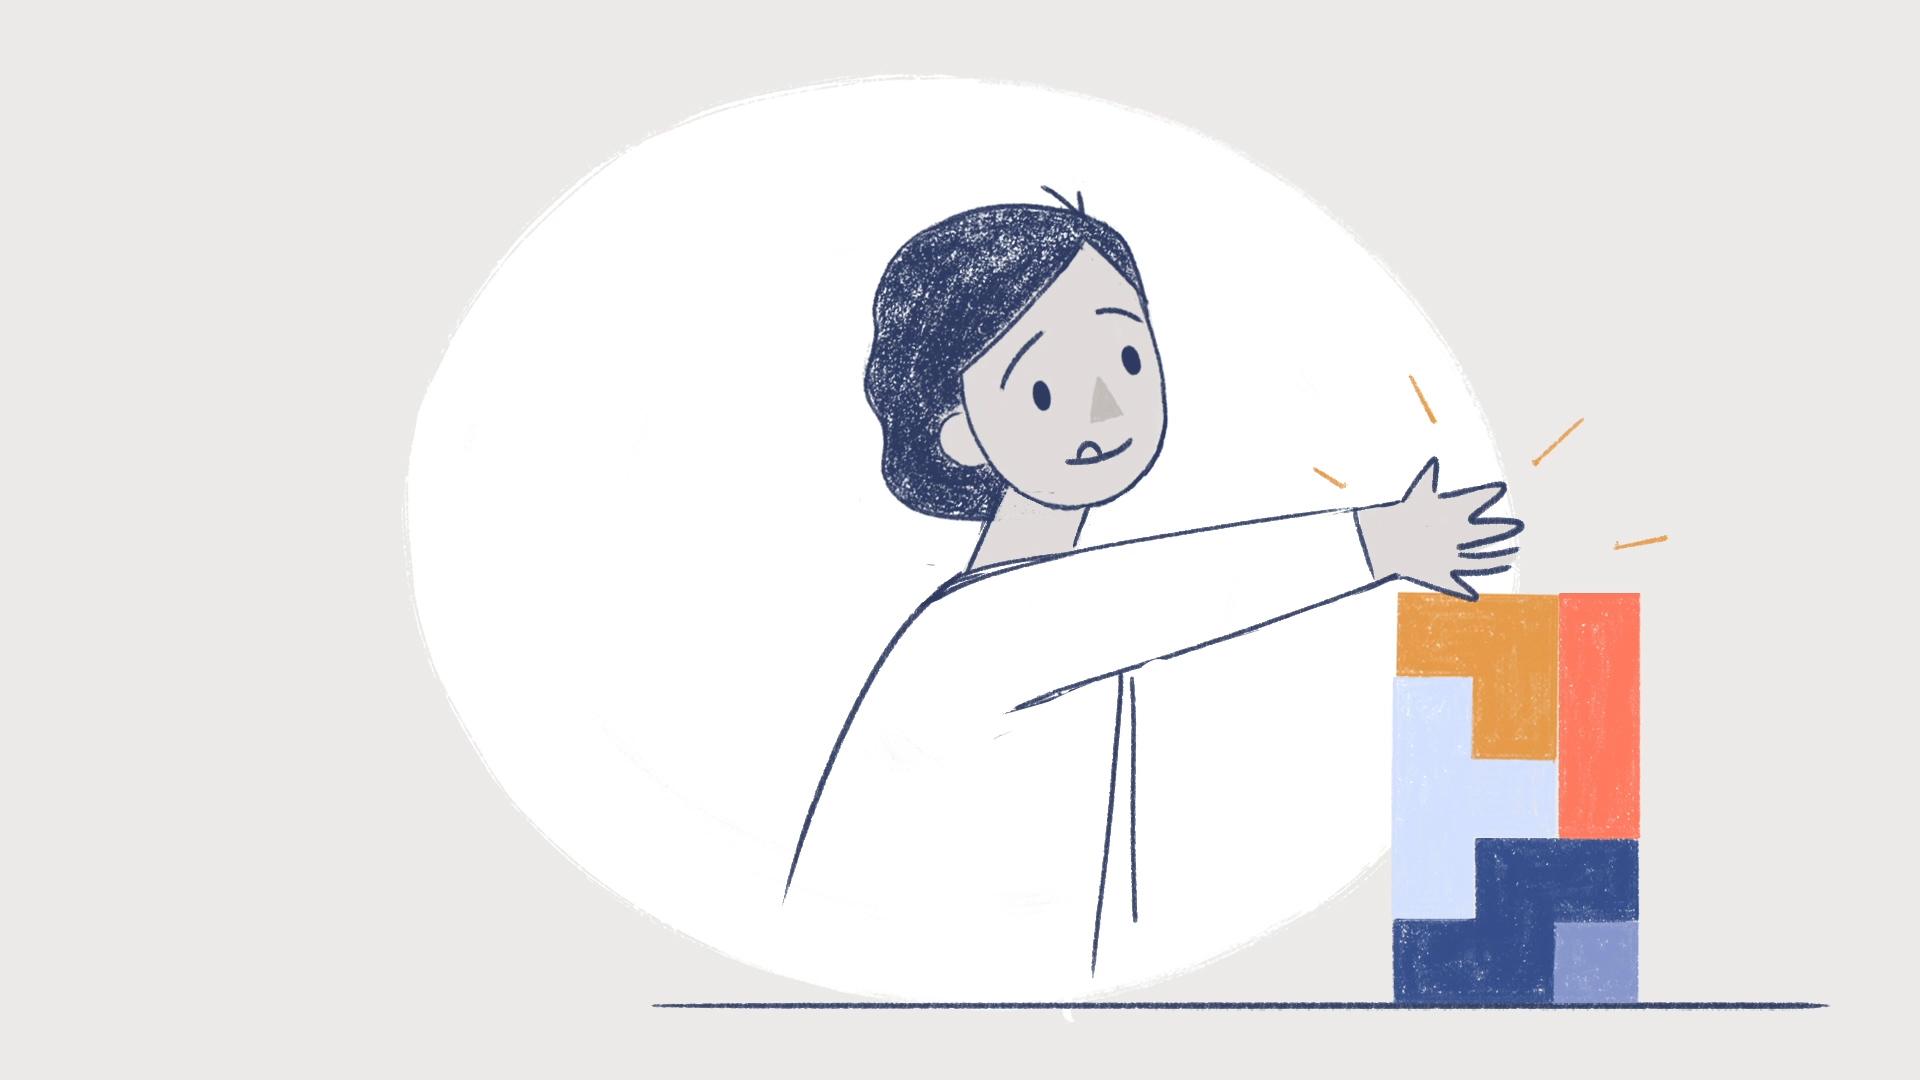 children's animation